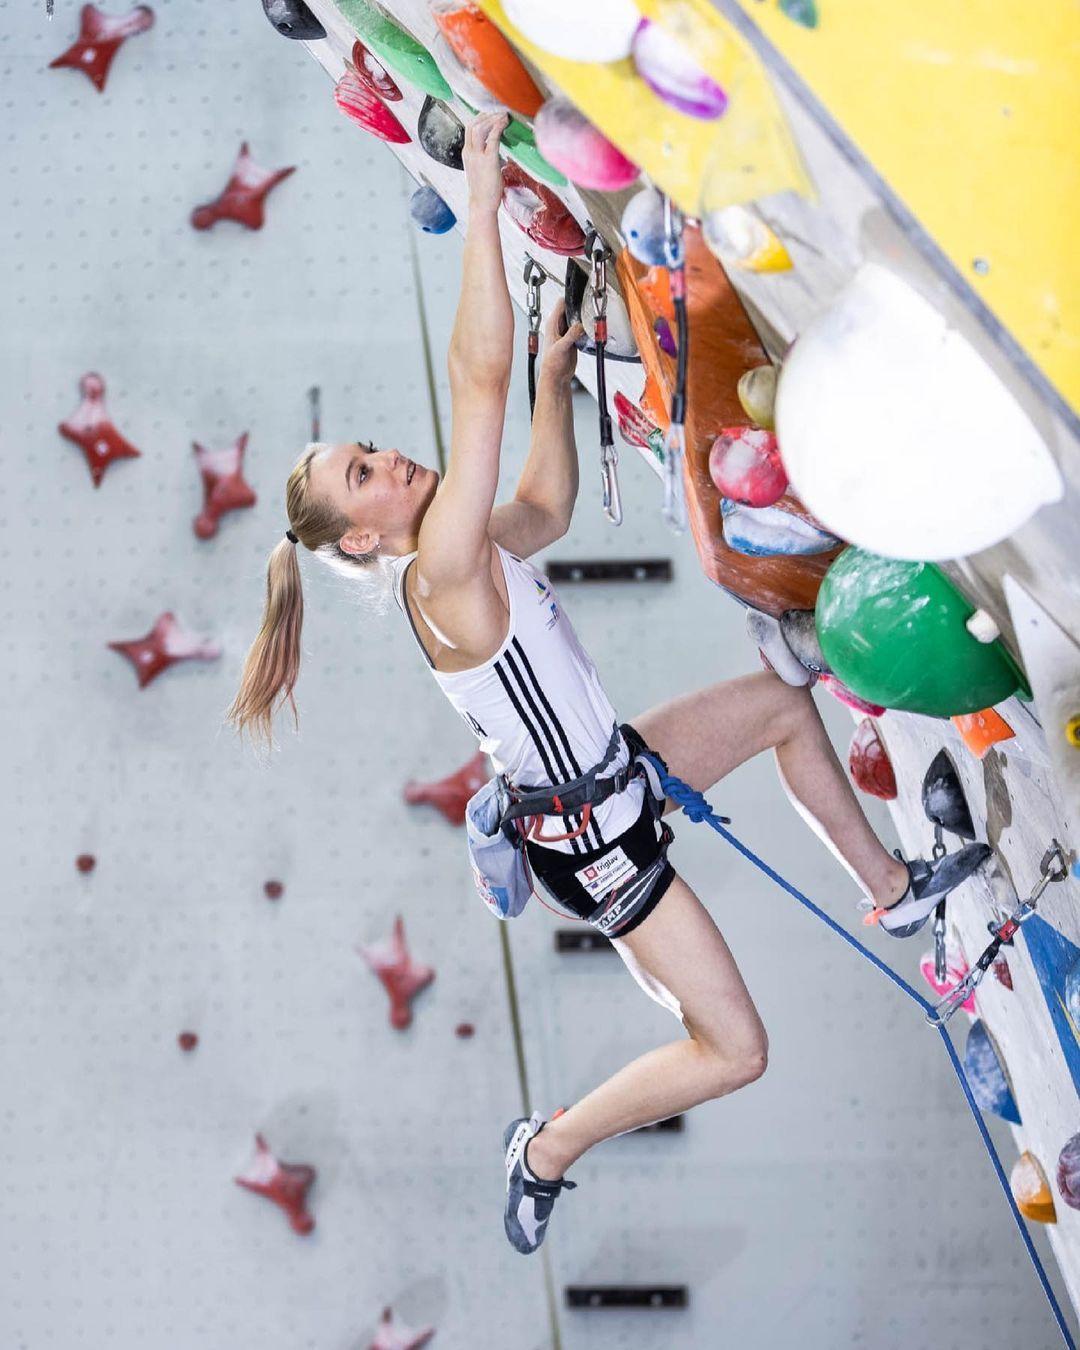 [东奥正妹] 攀岩正妹选手甜美笑容下轻功了得 飞檐走壁身手矫健 养眼图片 第6张